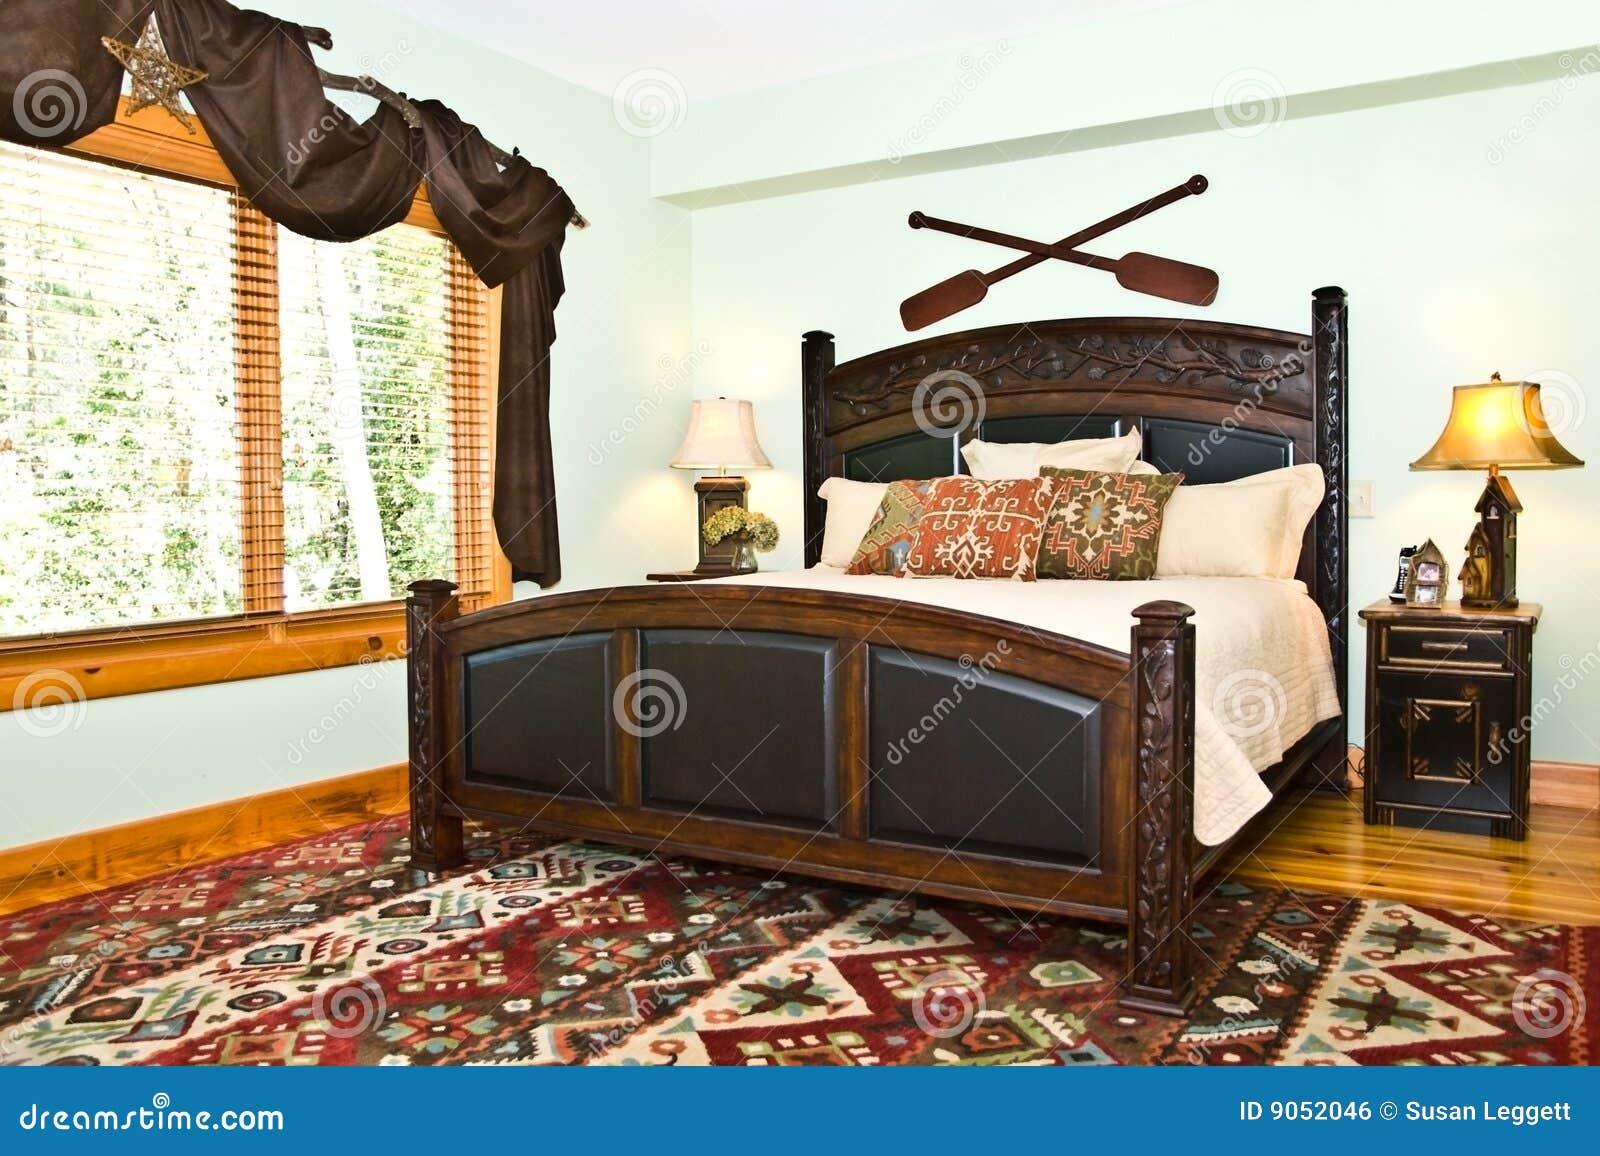 Camera Da Letto Rustica Moderna : Camera da letto moderna decorazione rustica fotografia stock